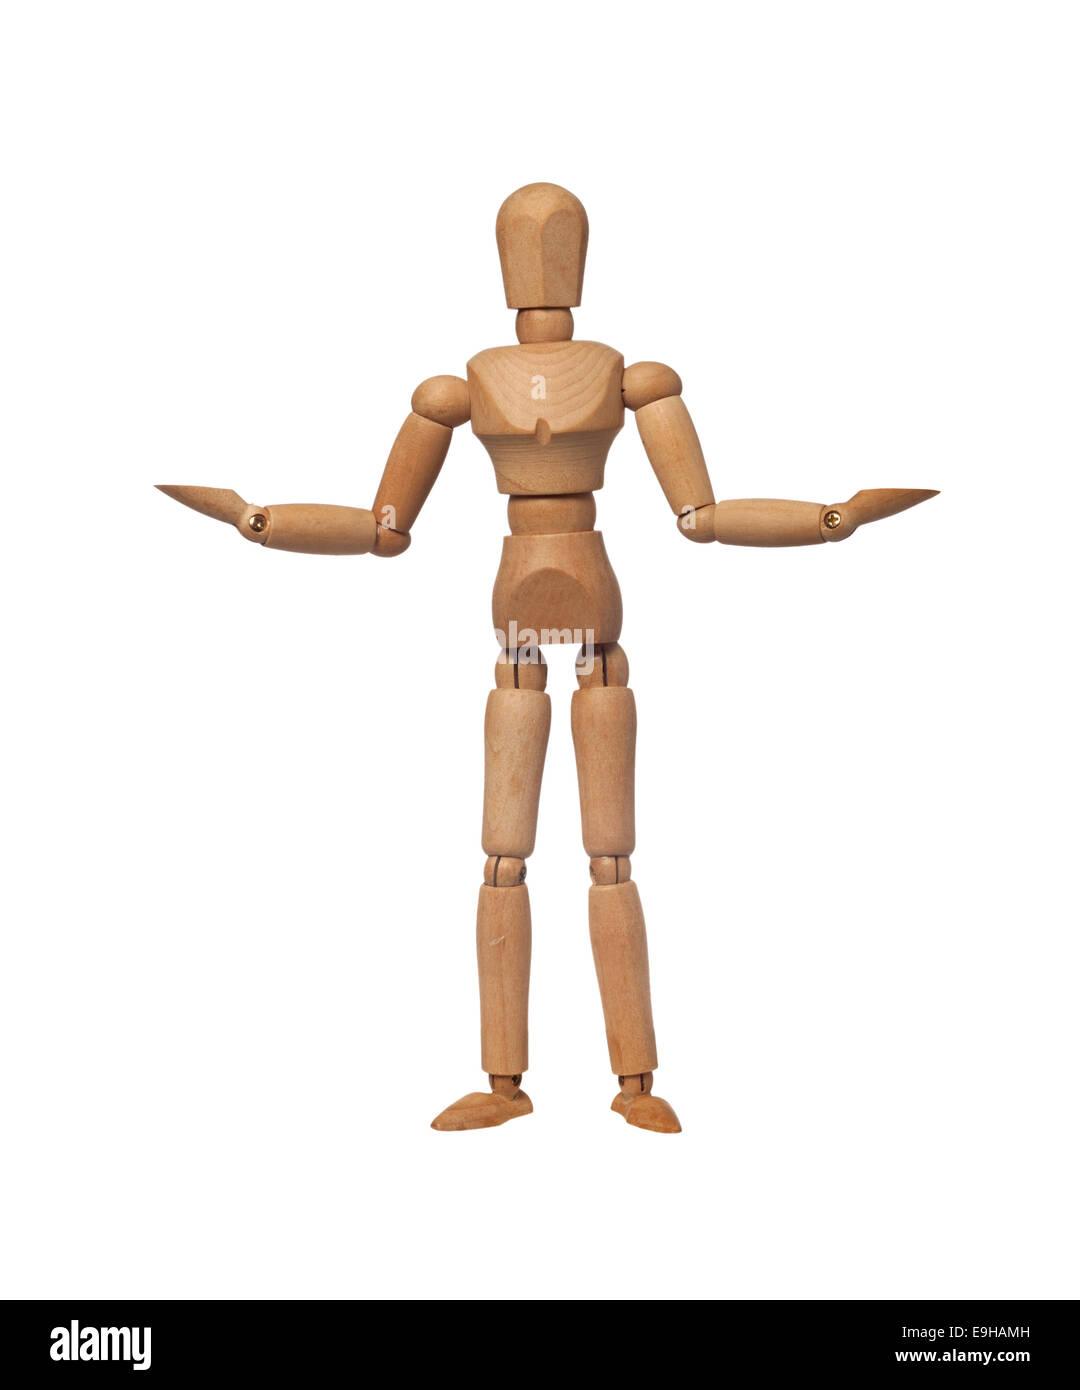 Pesaje de figurillas de ambos lados con sus manos aislado sobre fondo blanco. Foto de stock